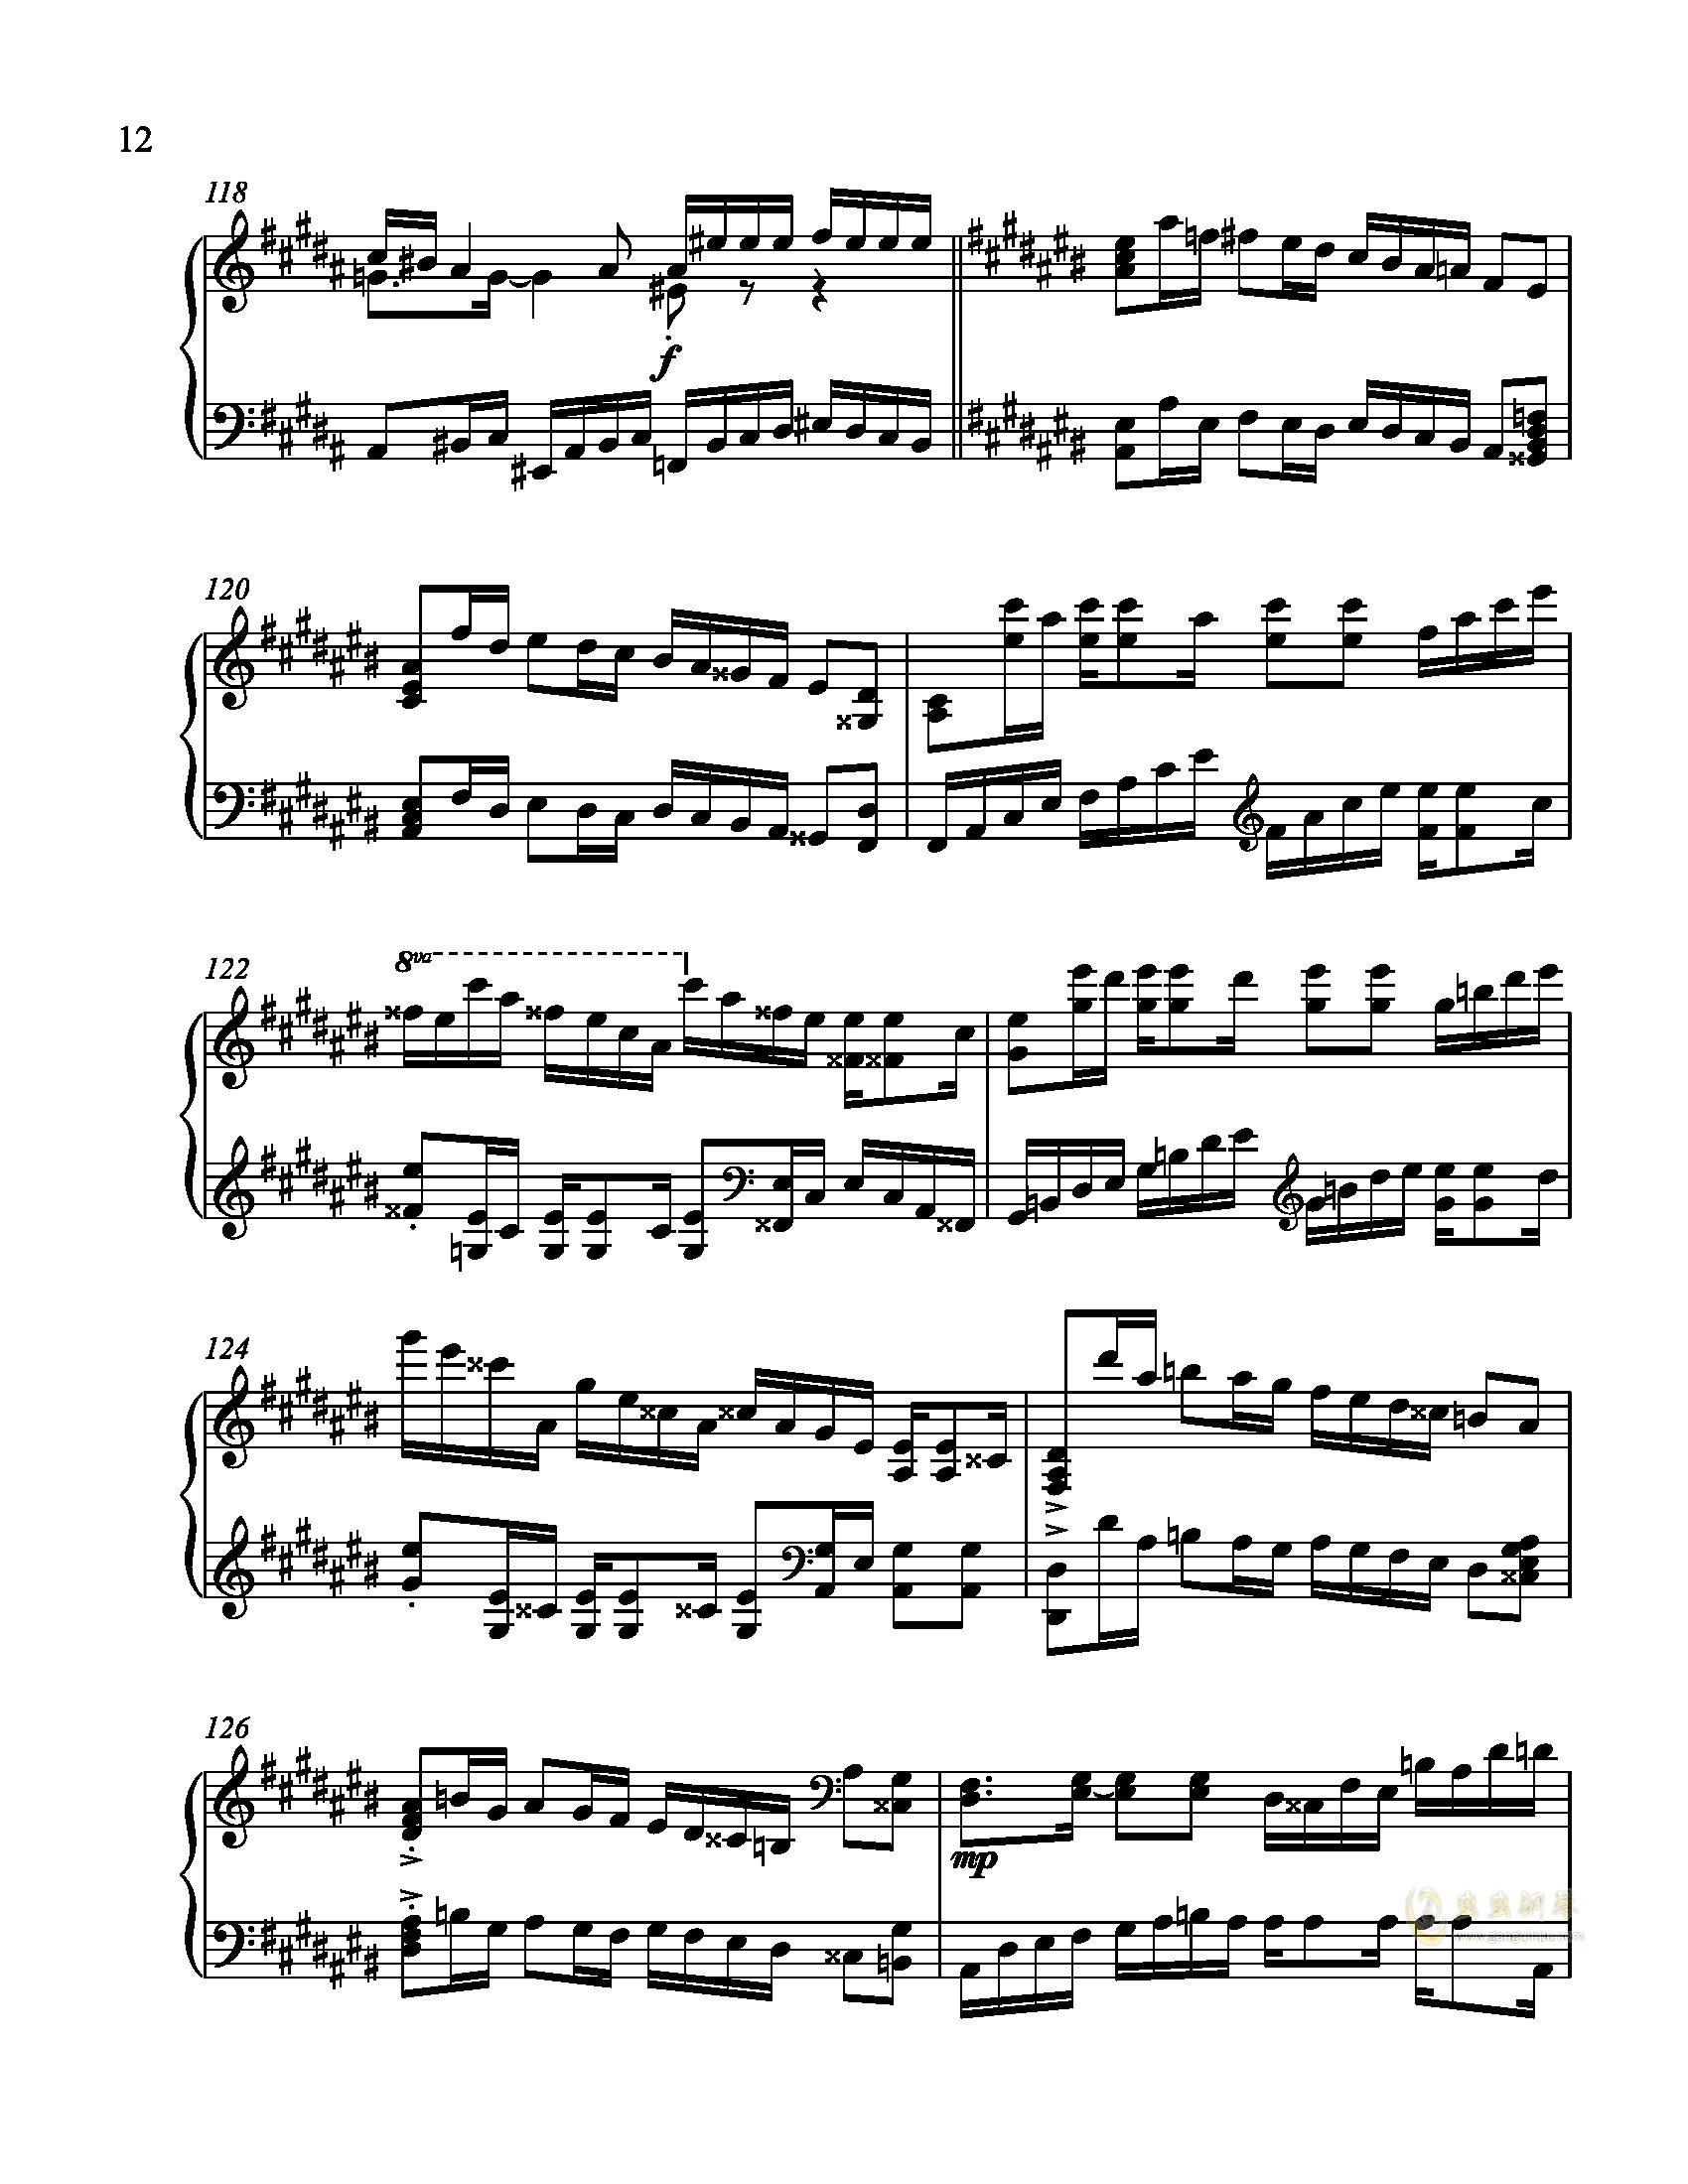 辛普森B大调练习曲钢琴谱 第12页